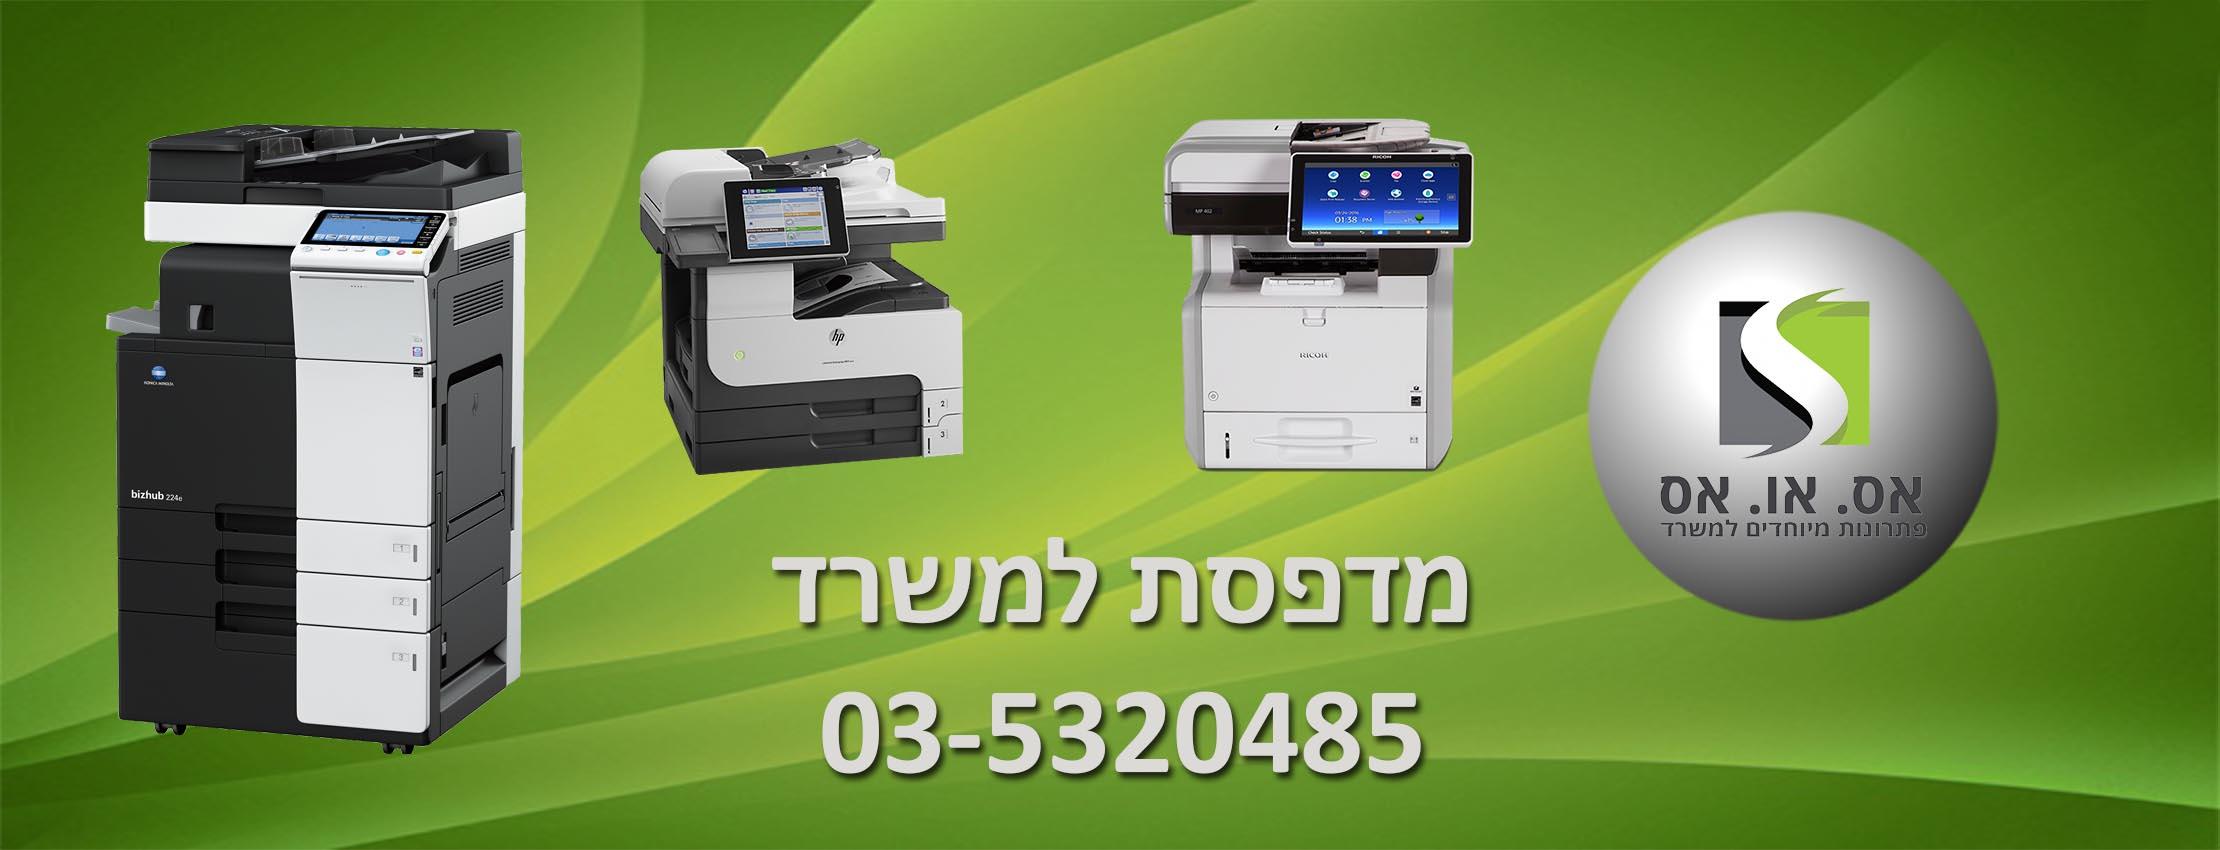 מדפסת למשרד, מדפסת משולבת למשרד, השכרת מדפסות